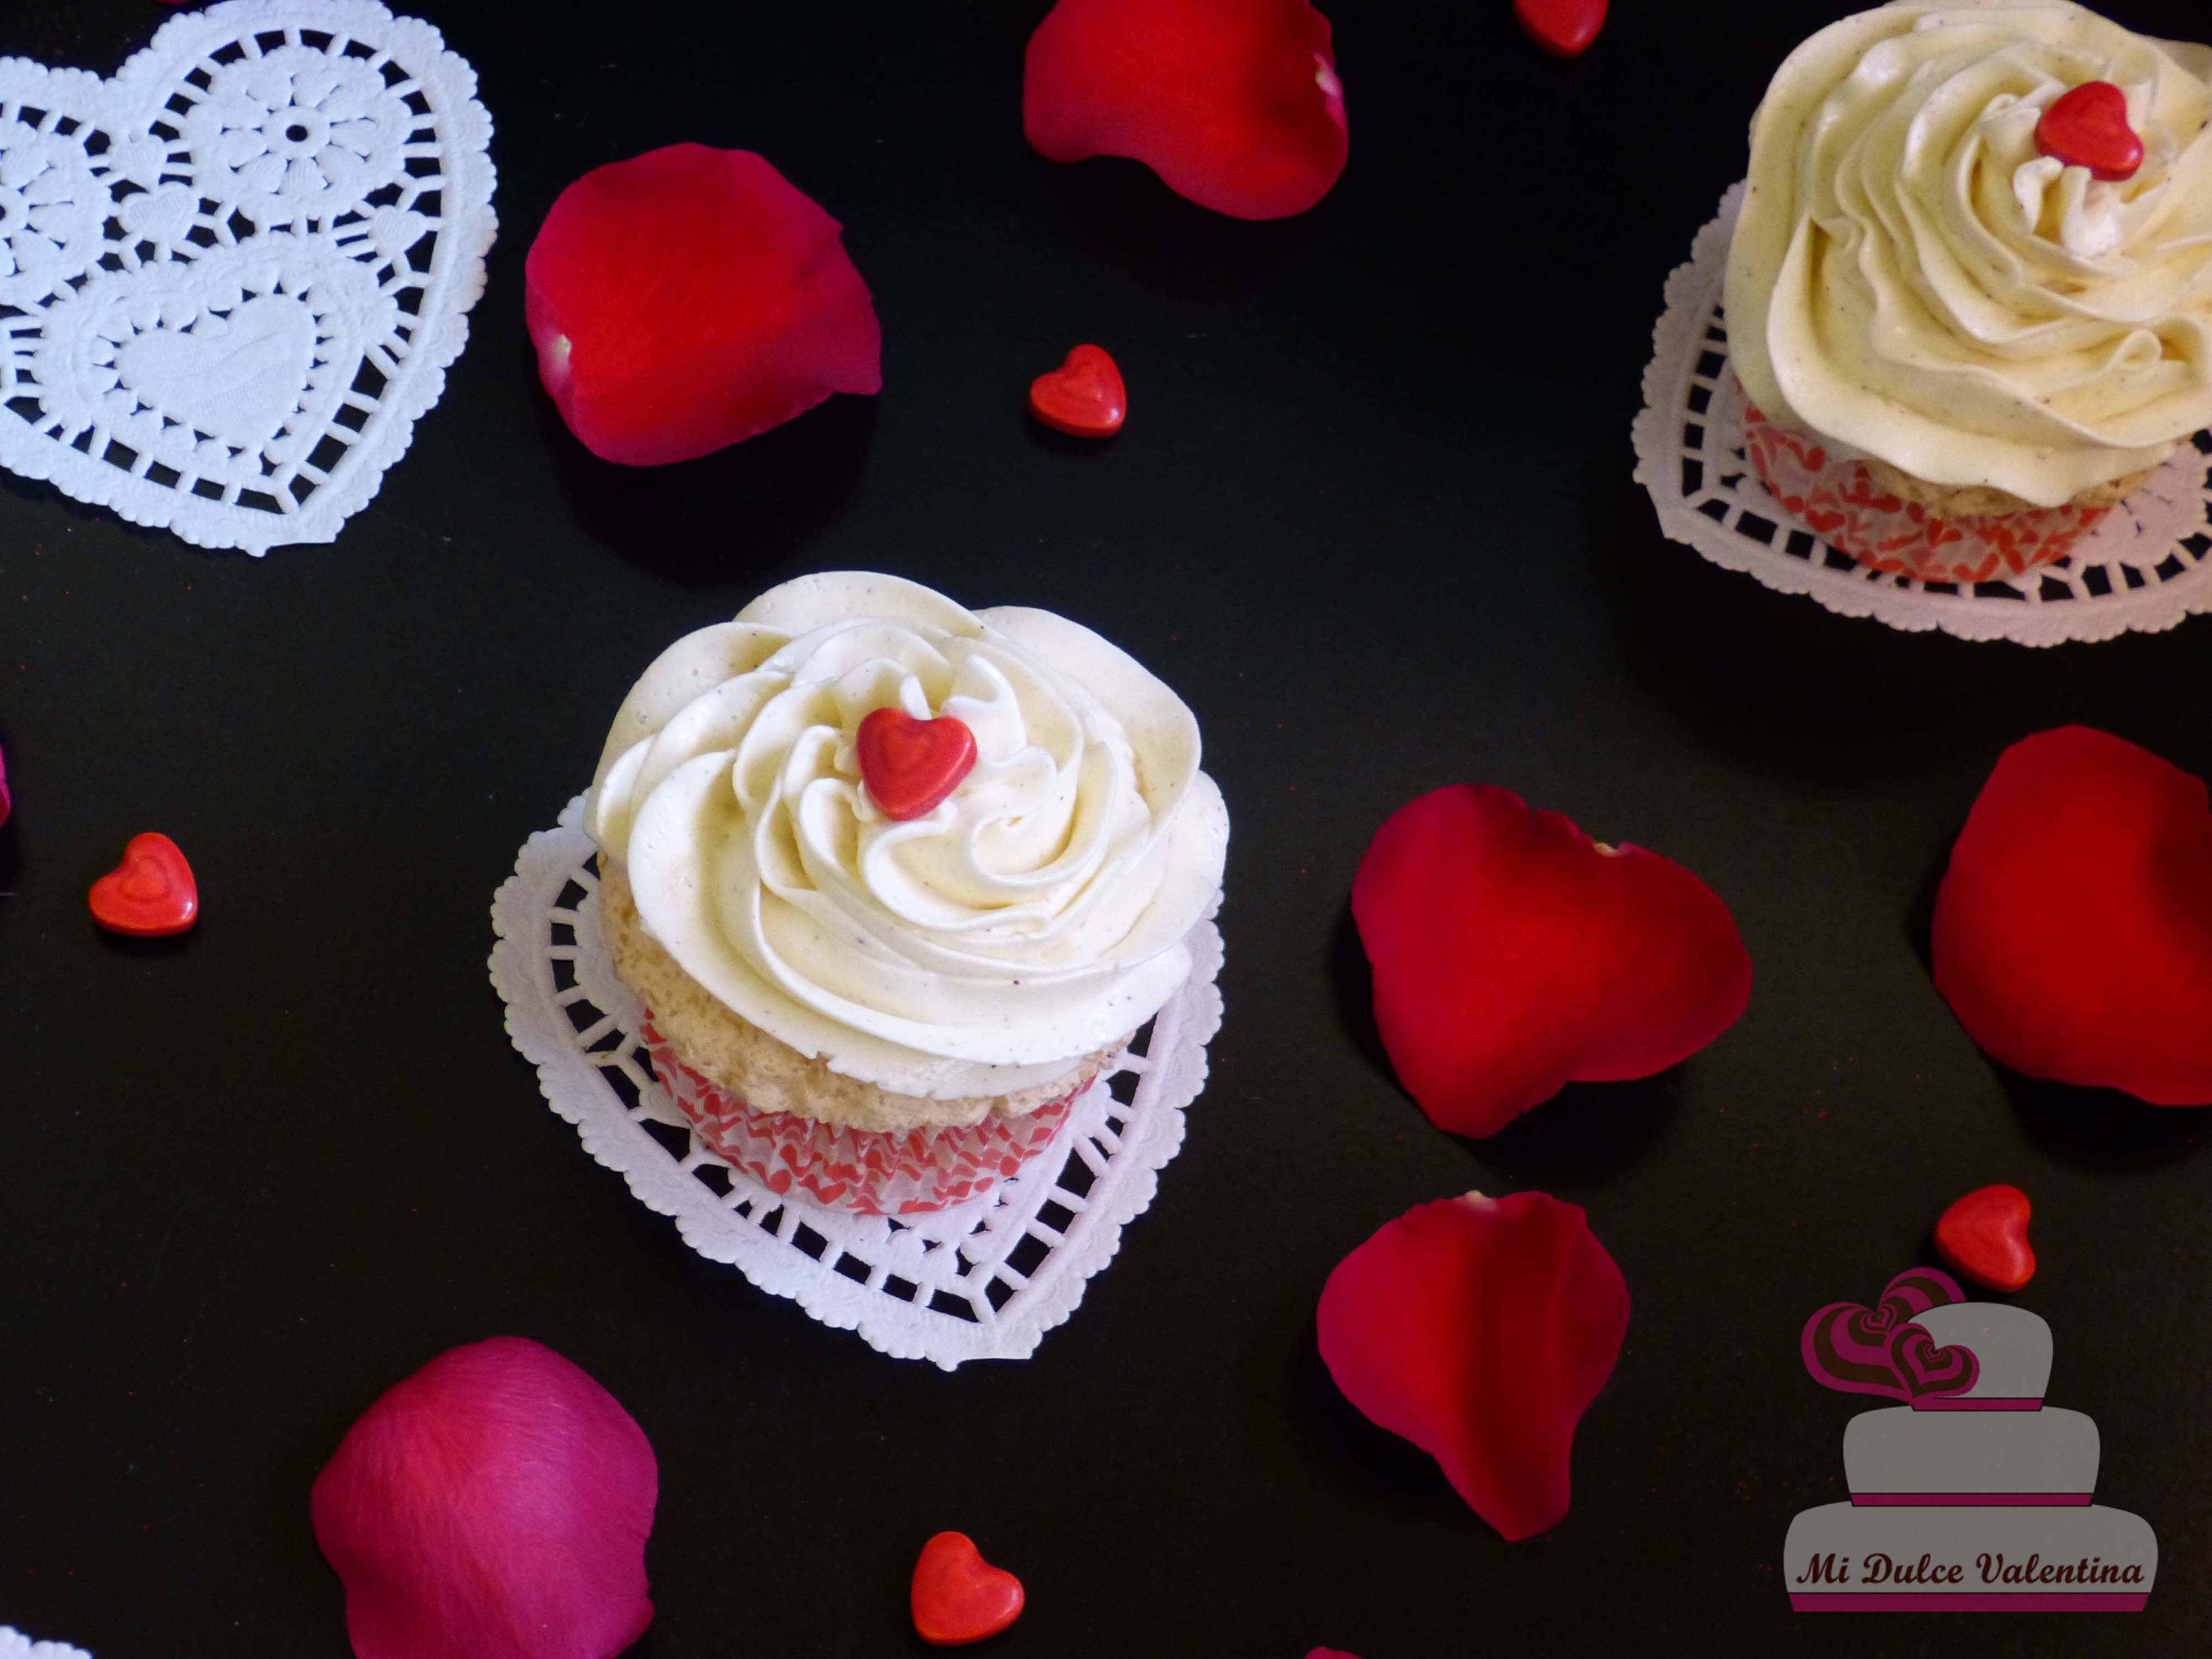 Preparar algo romantico simple cena romntica with - Preparar algo romantico en casa ...